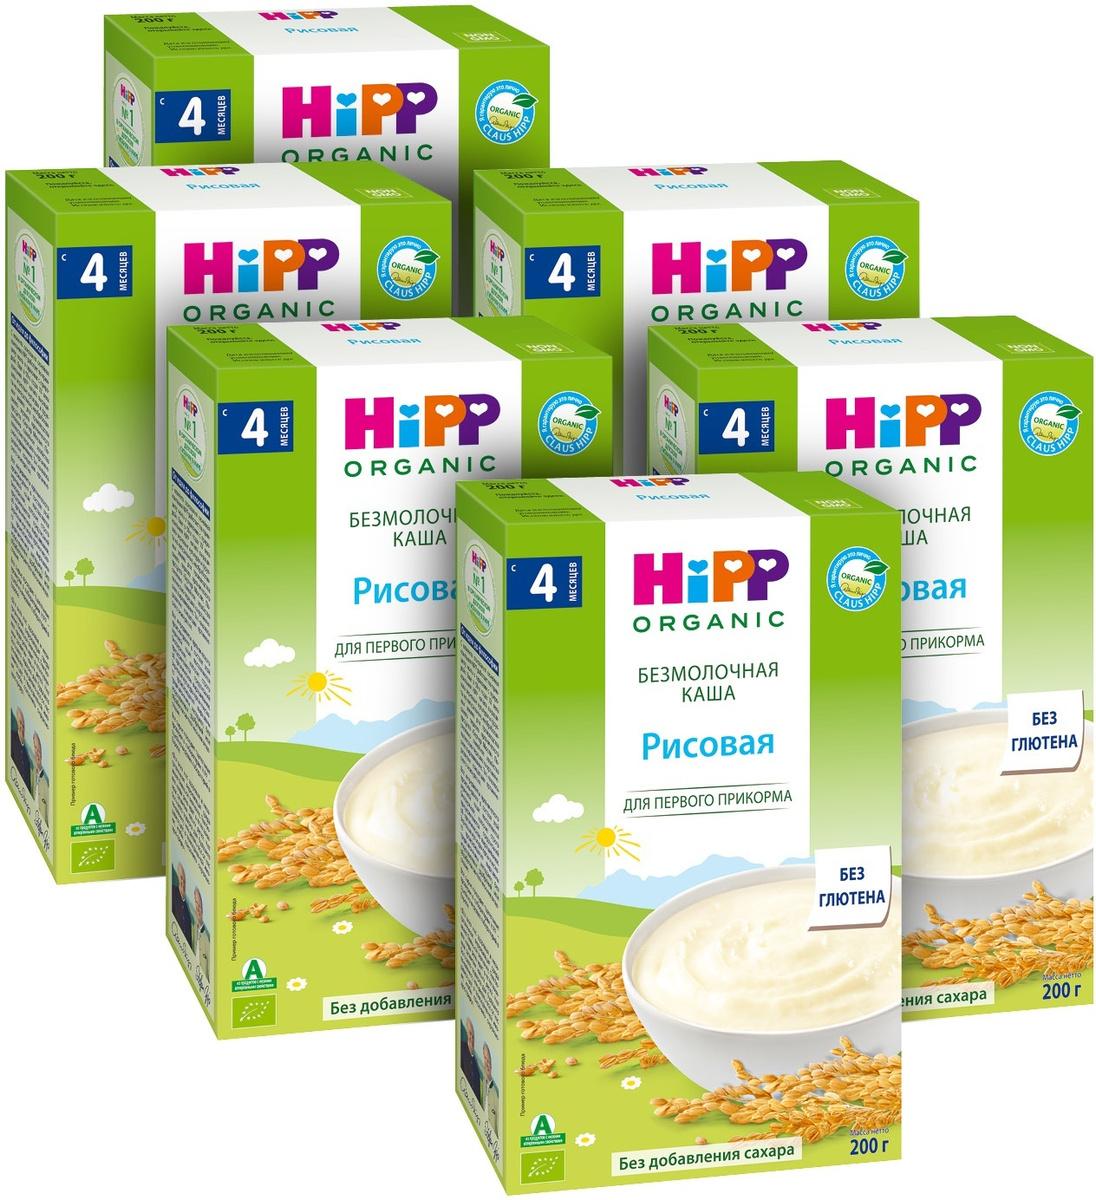 Hipp каша органическая зерновая рисовая, с 4 месяцев, 6 шт по 200 г  #1